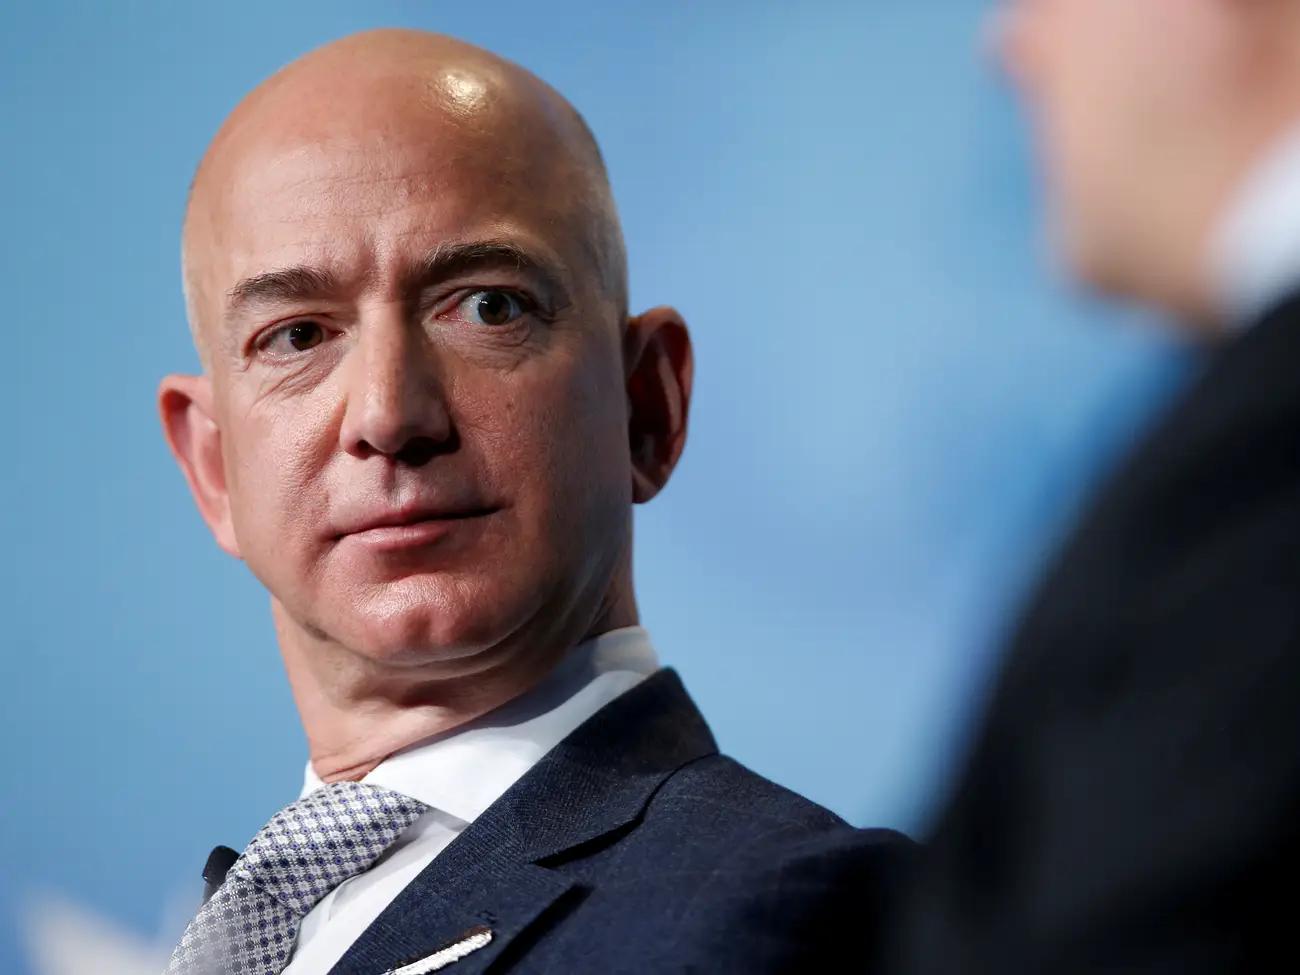 捐100亿美元还不够 亚马逊被要求停止为能源公司提供计算技术插图